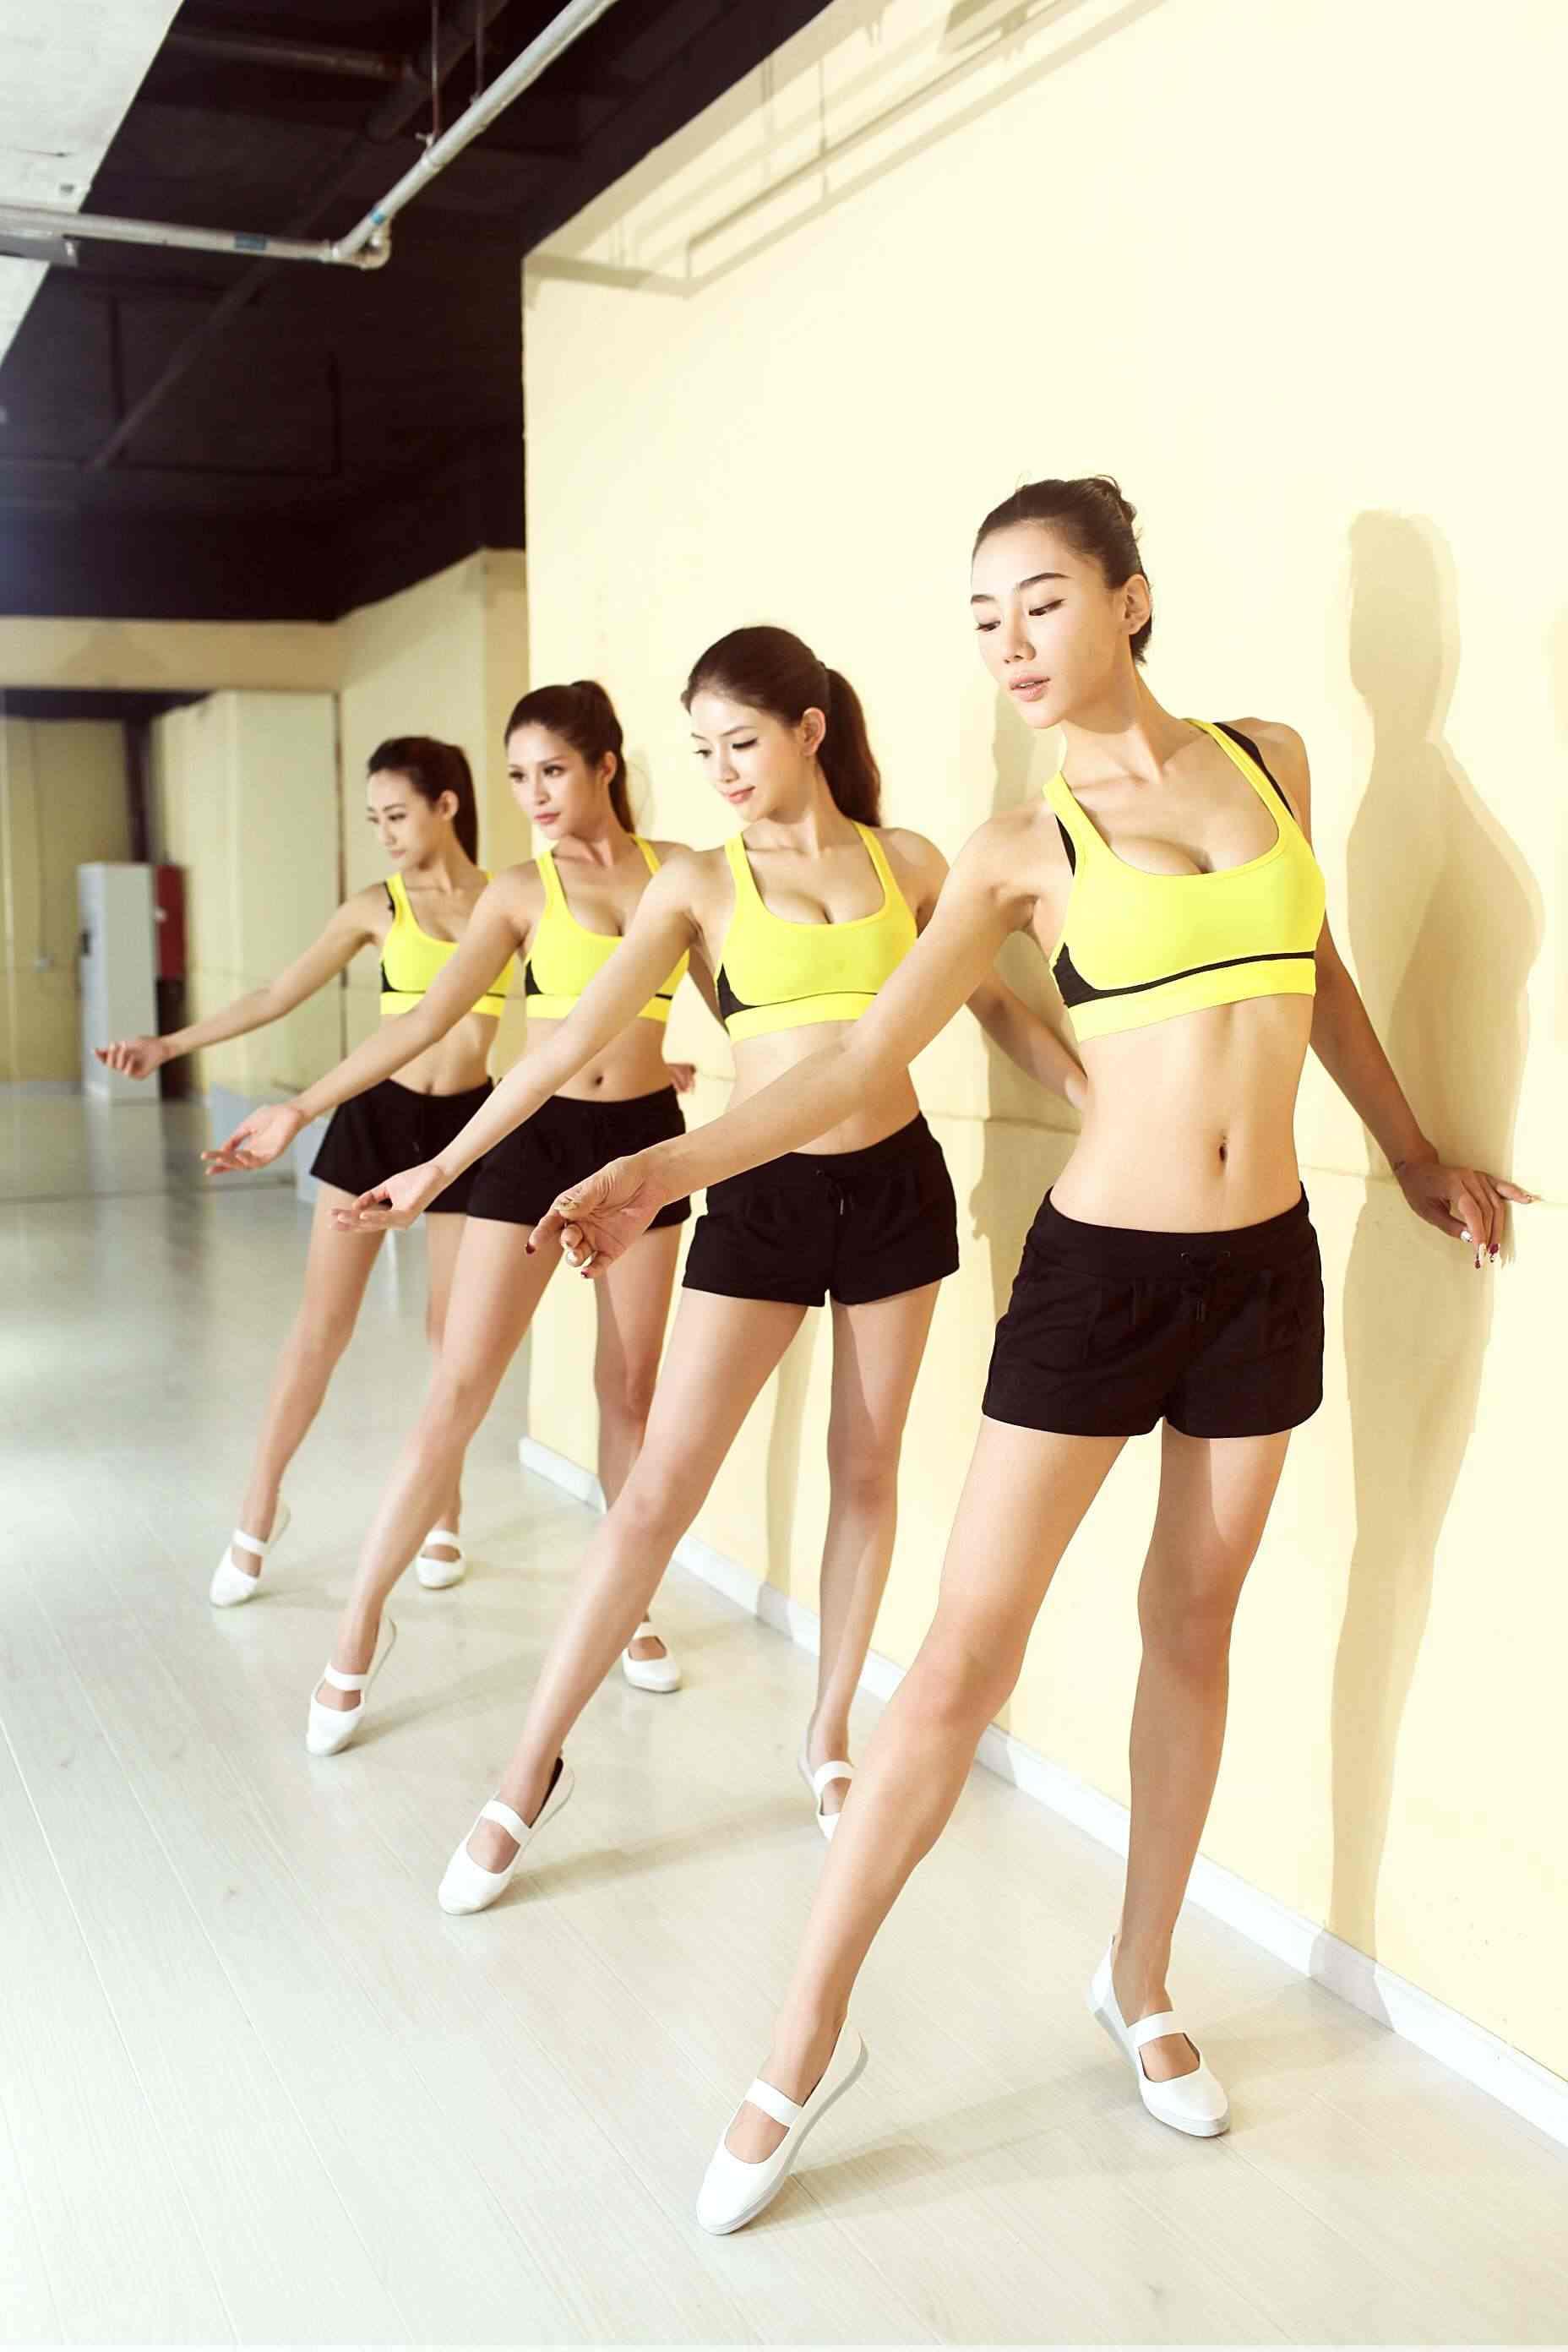 美女动作捕捉模特将现身网易展台